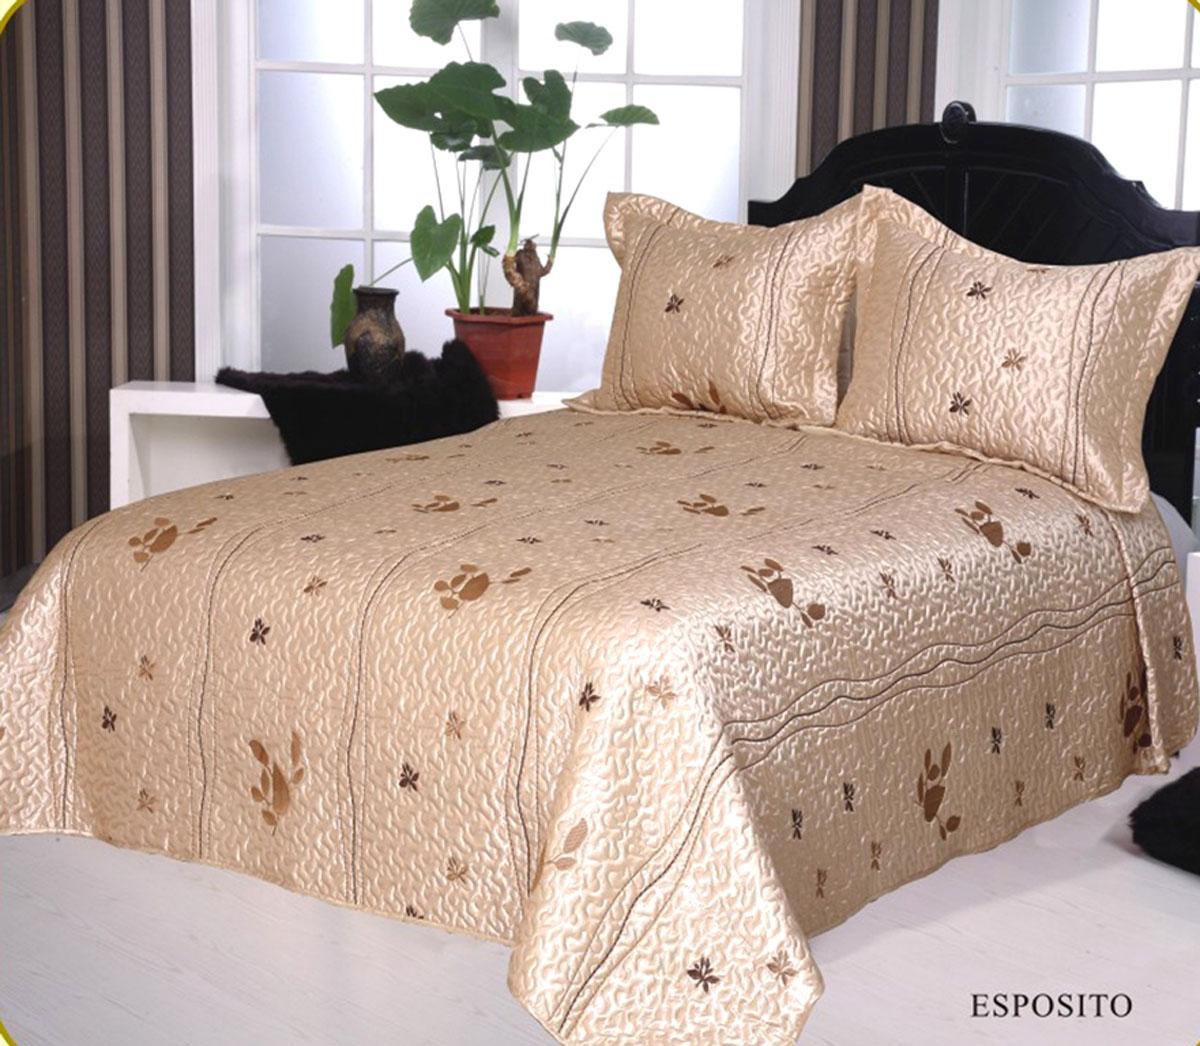 Комплект для спальни Arya: покрывало 250 х 260 см, 2 наволочки 50 х 70 см, цвет: бежевыйF0002763Комплект для спальни Arya состоит из покрывала и двух наволочек. В коллекции используется самый износостойкий материал - полиэстер. Он выдерживает многократные стирки, сохраняет форму и цвет, не изнашивается. Ваша спальня будет всегда стильной и индивидуальной. Советы по уходу: - Эта ткань устойчива к машинной стирке в холодной воде. - Стирать вещи из полиэстера следует только со светлыми вещами. - Не рекомендуется отбеливать. - Гладить утюгом, регулятор которого установлен на минимум.